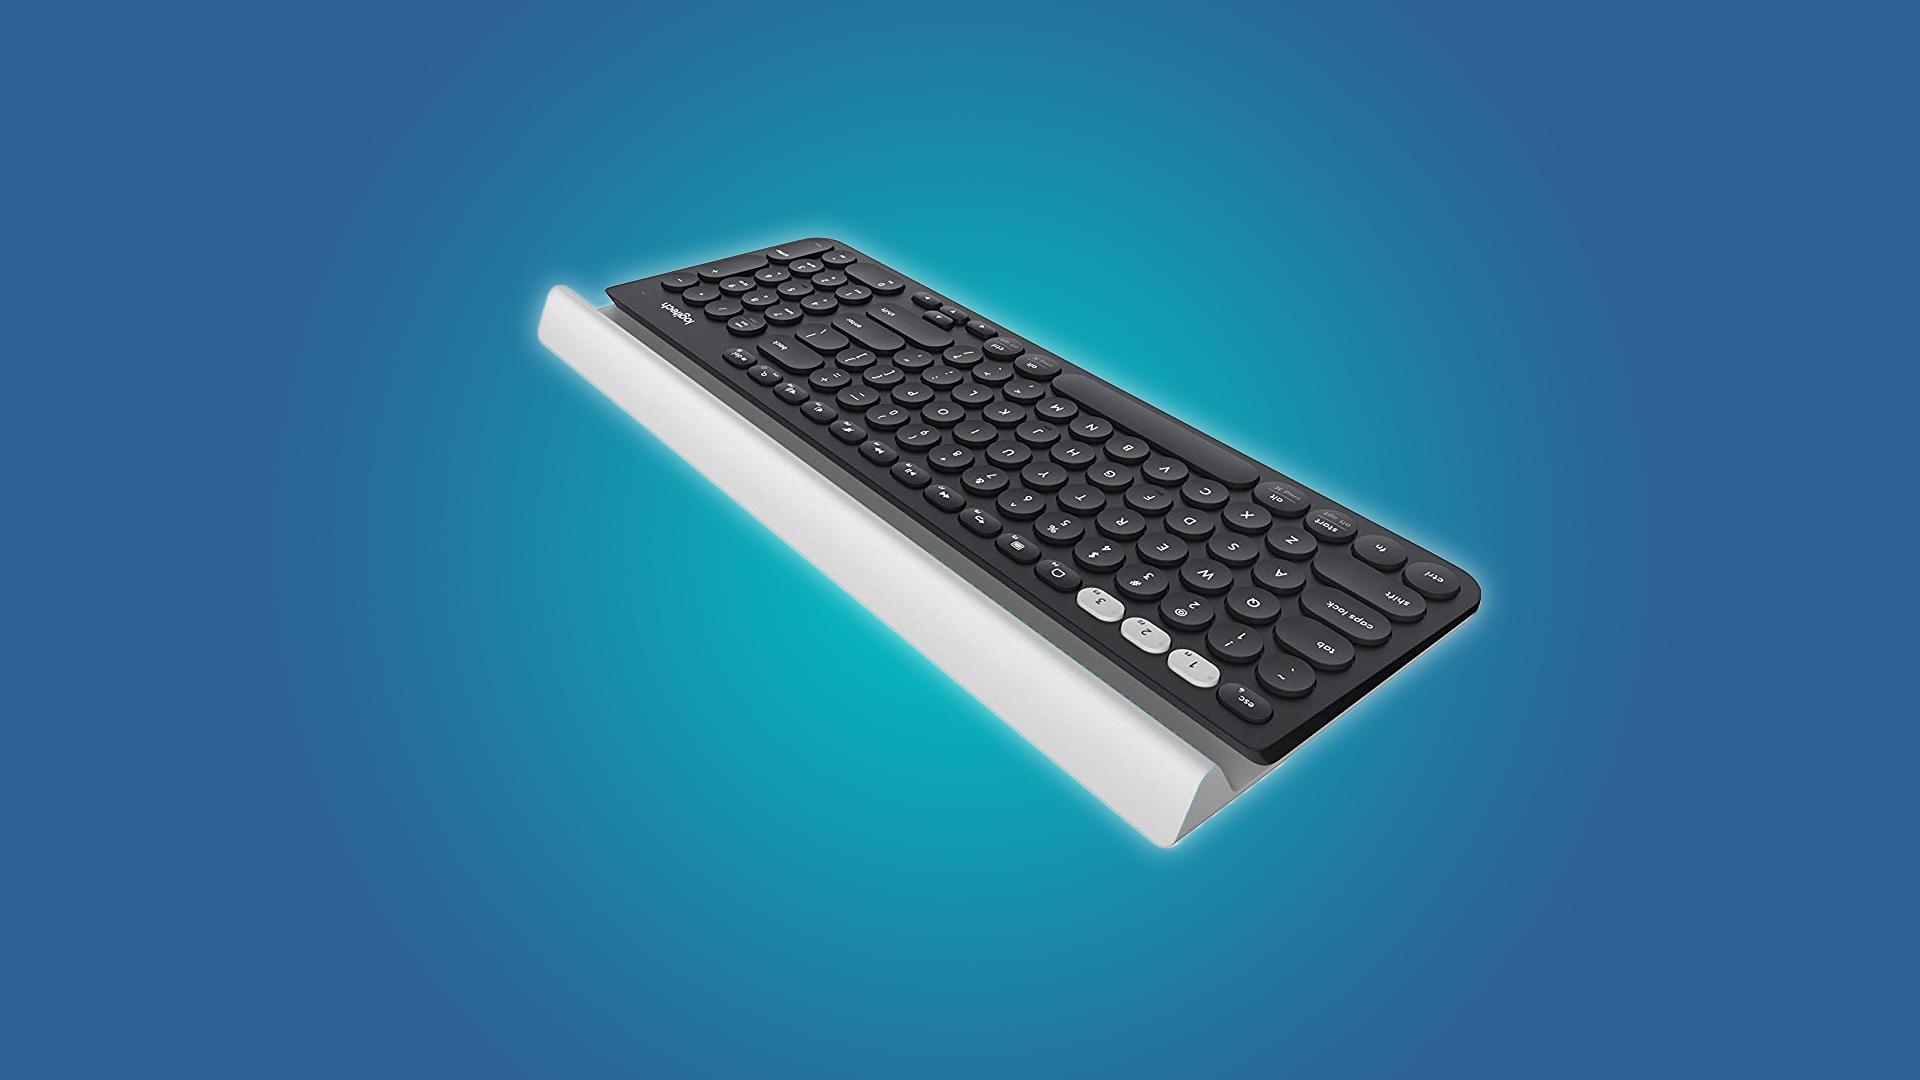 The Logitech K780 Wireless Keyboard